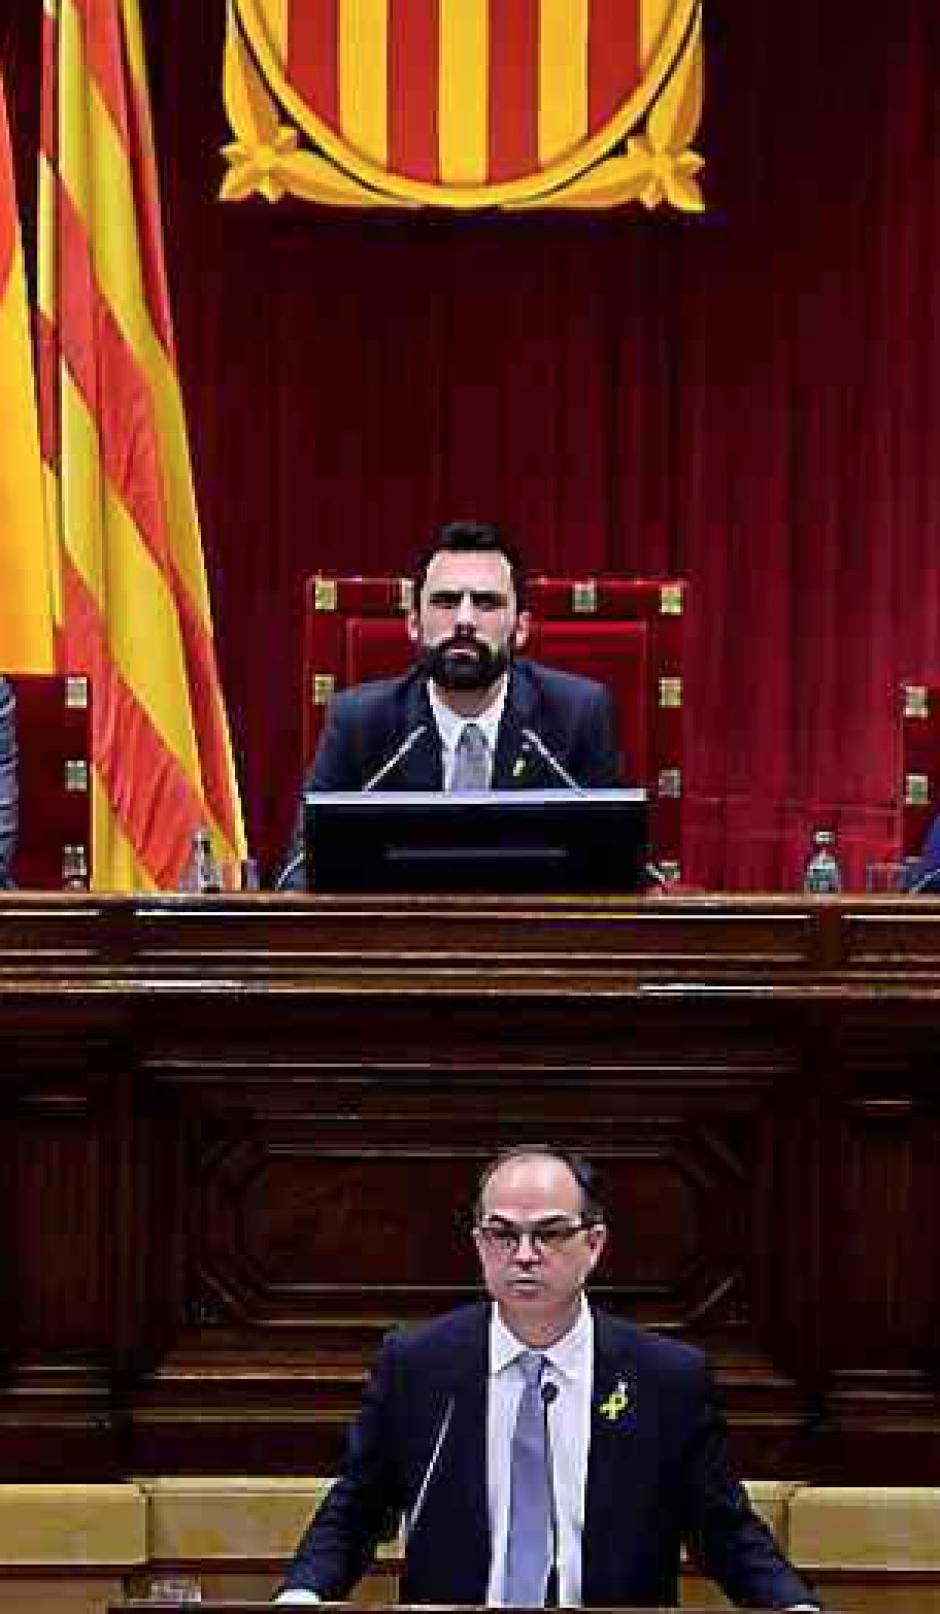 Catalogne. Présidence de la Generalitat : le 3e candidat échoue faute de majorité